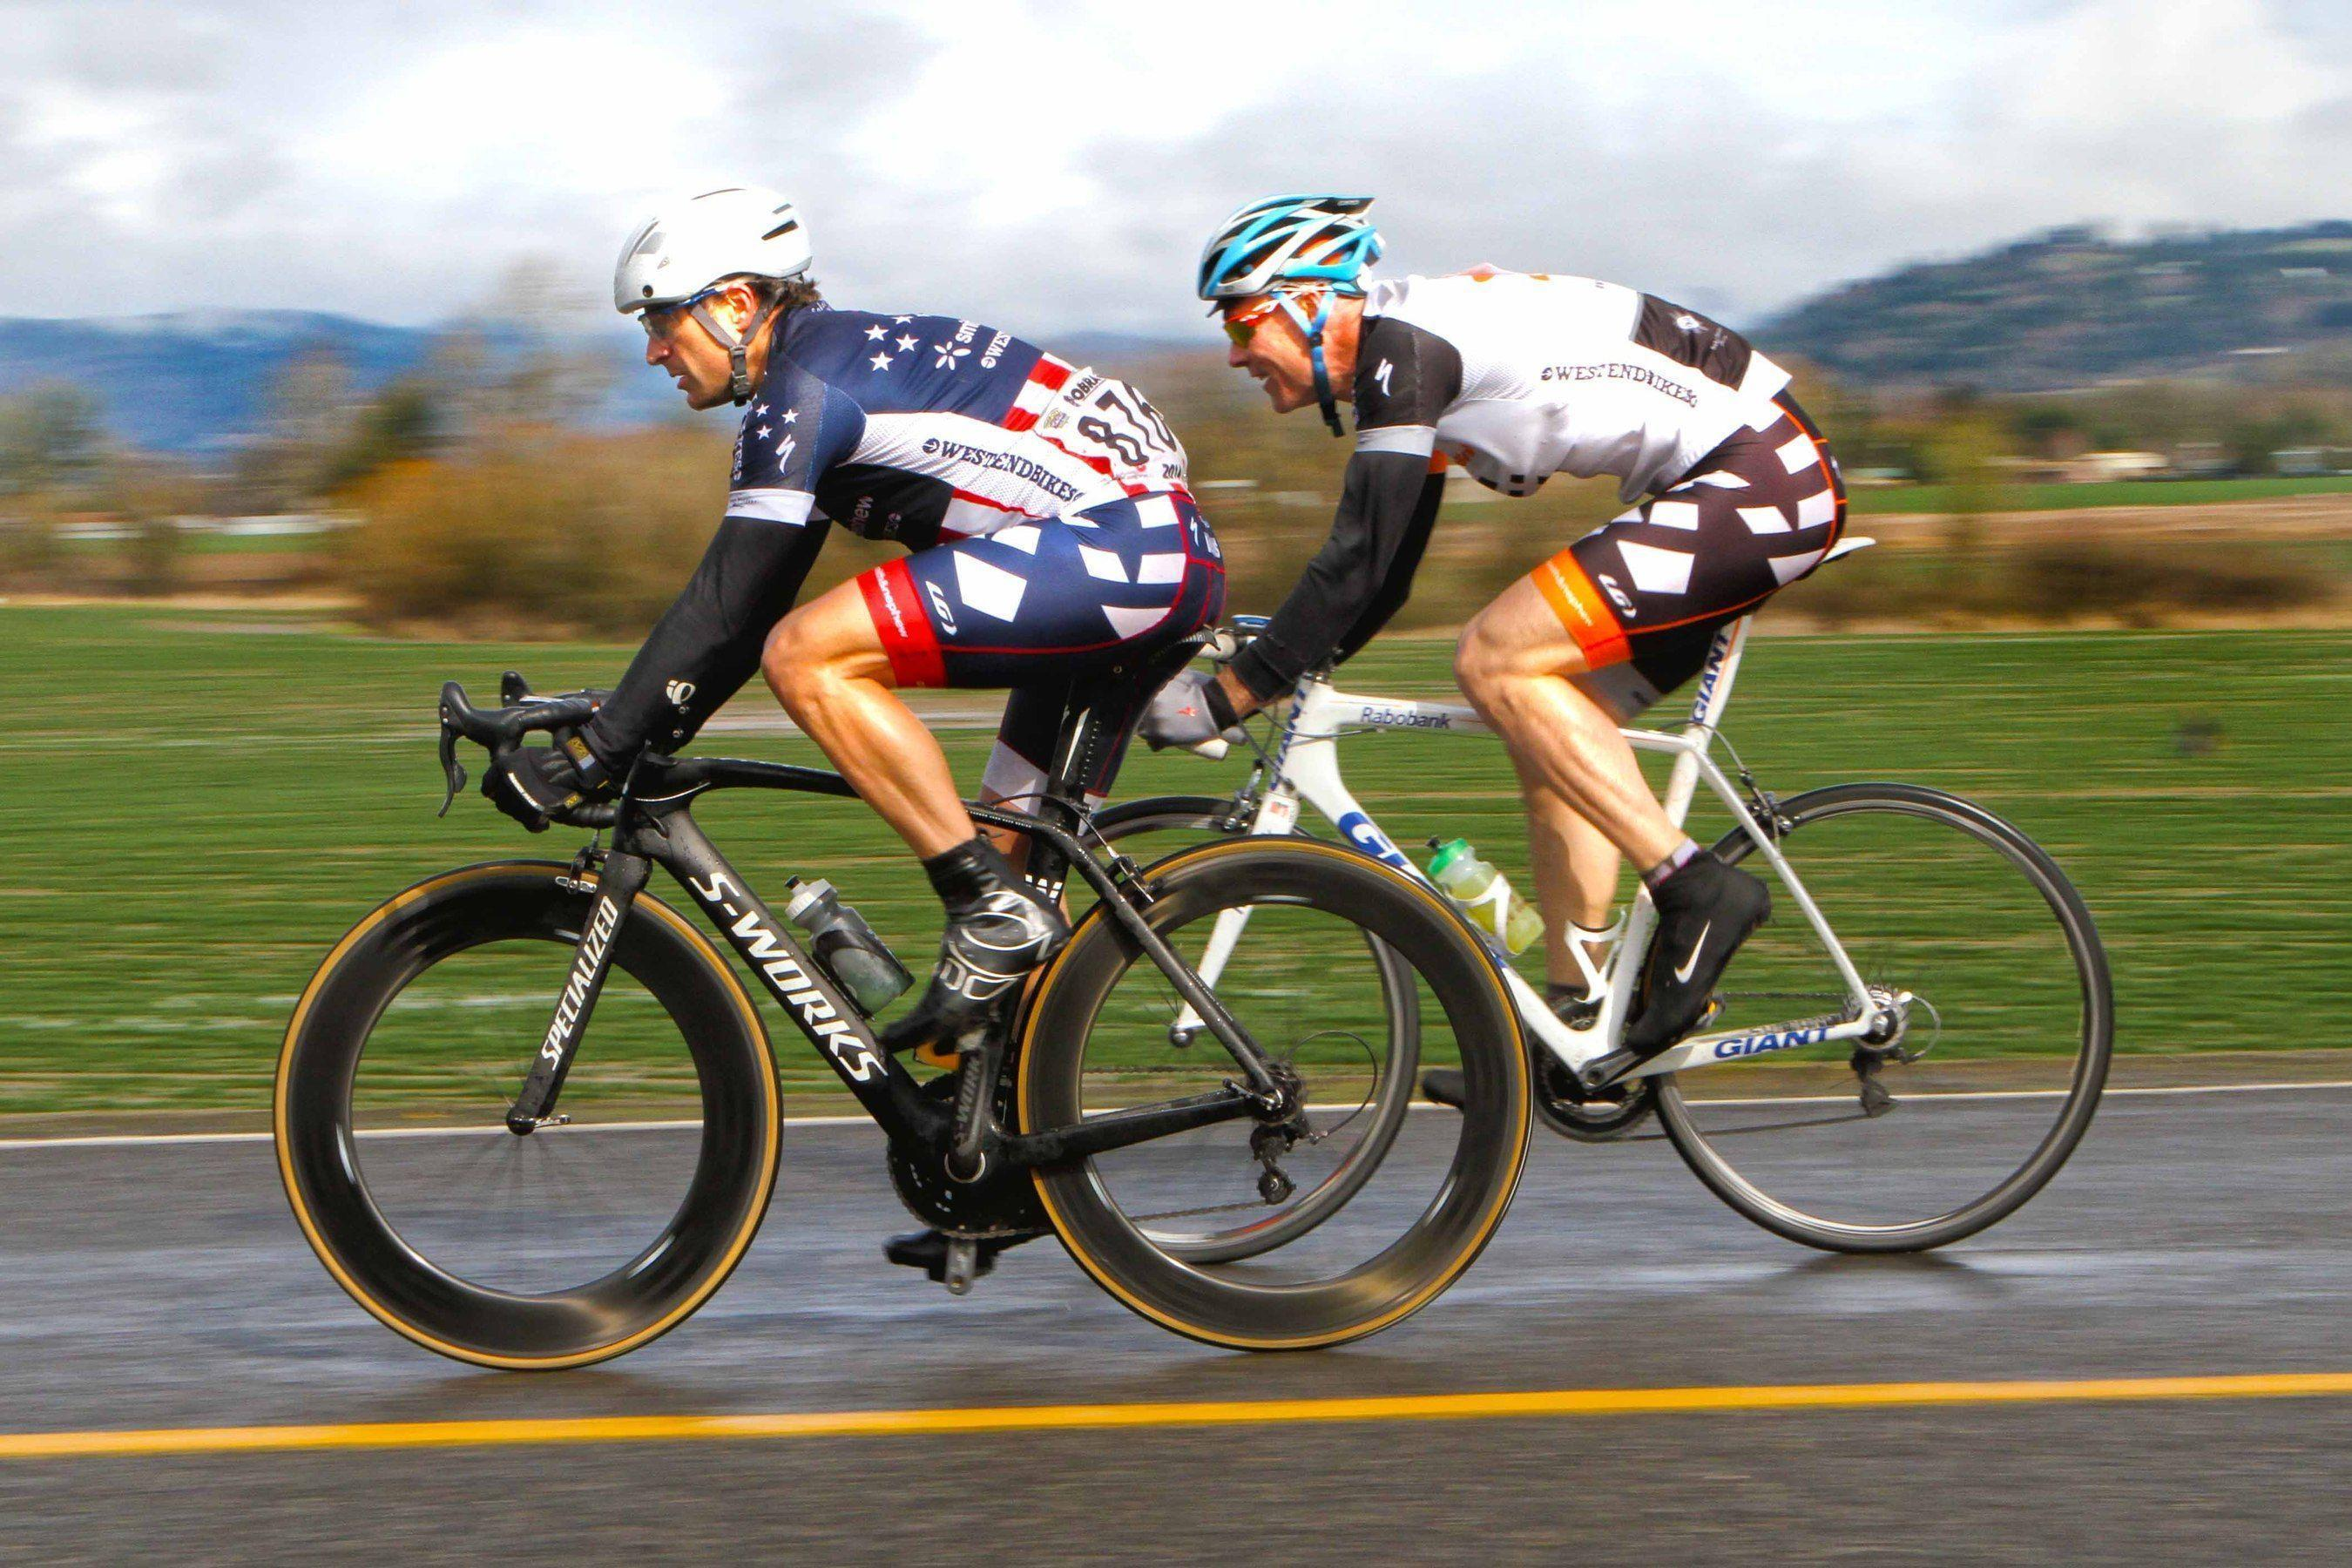 bike all road race - photo #27